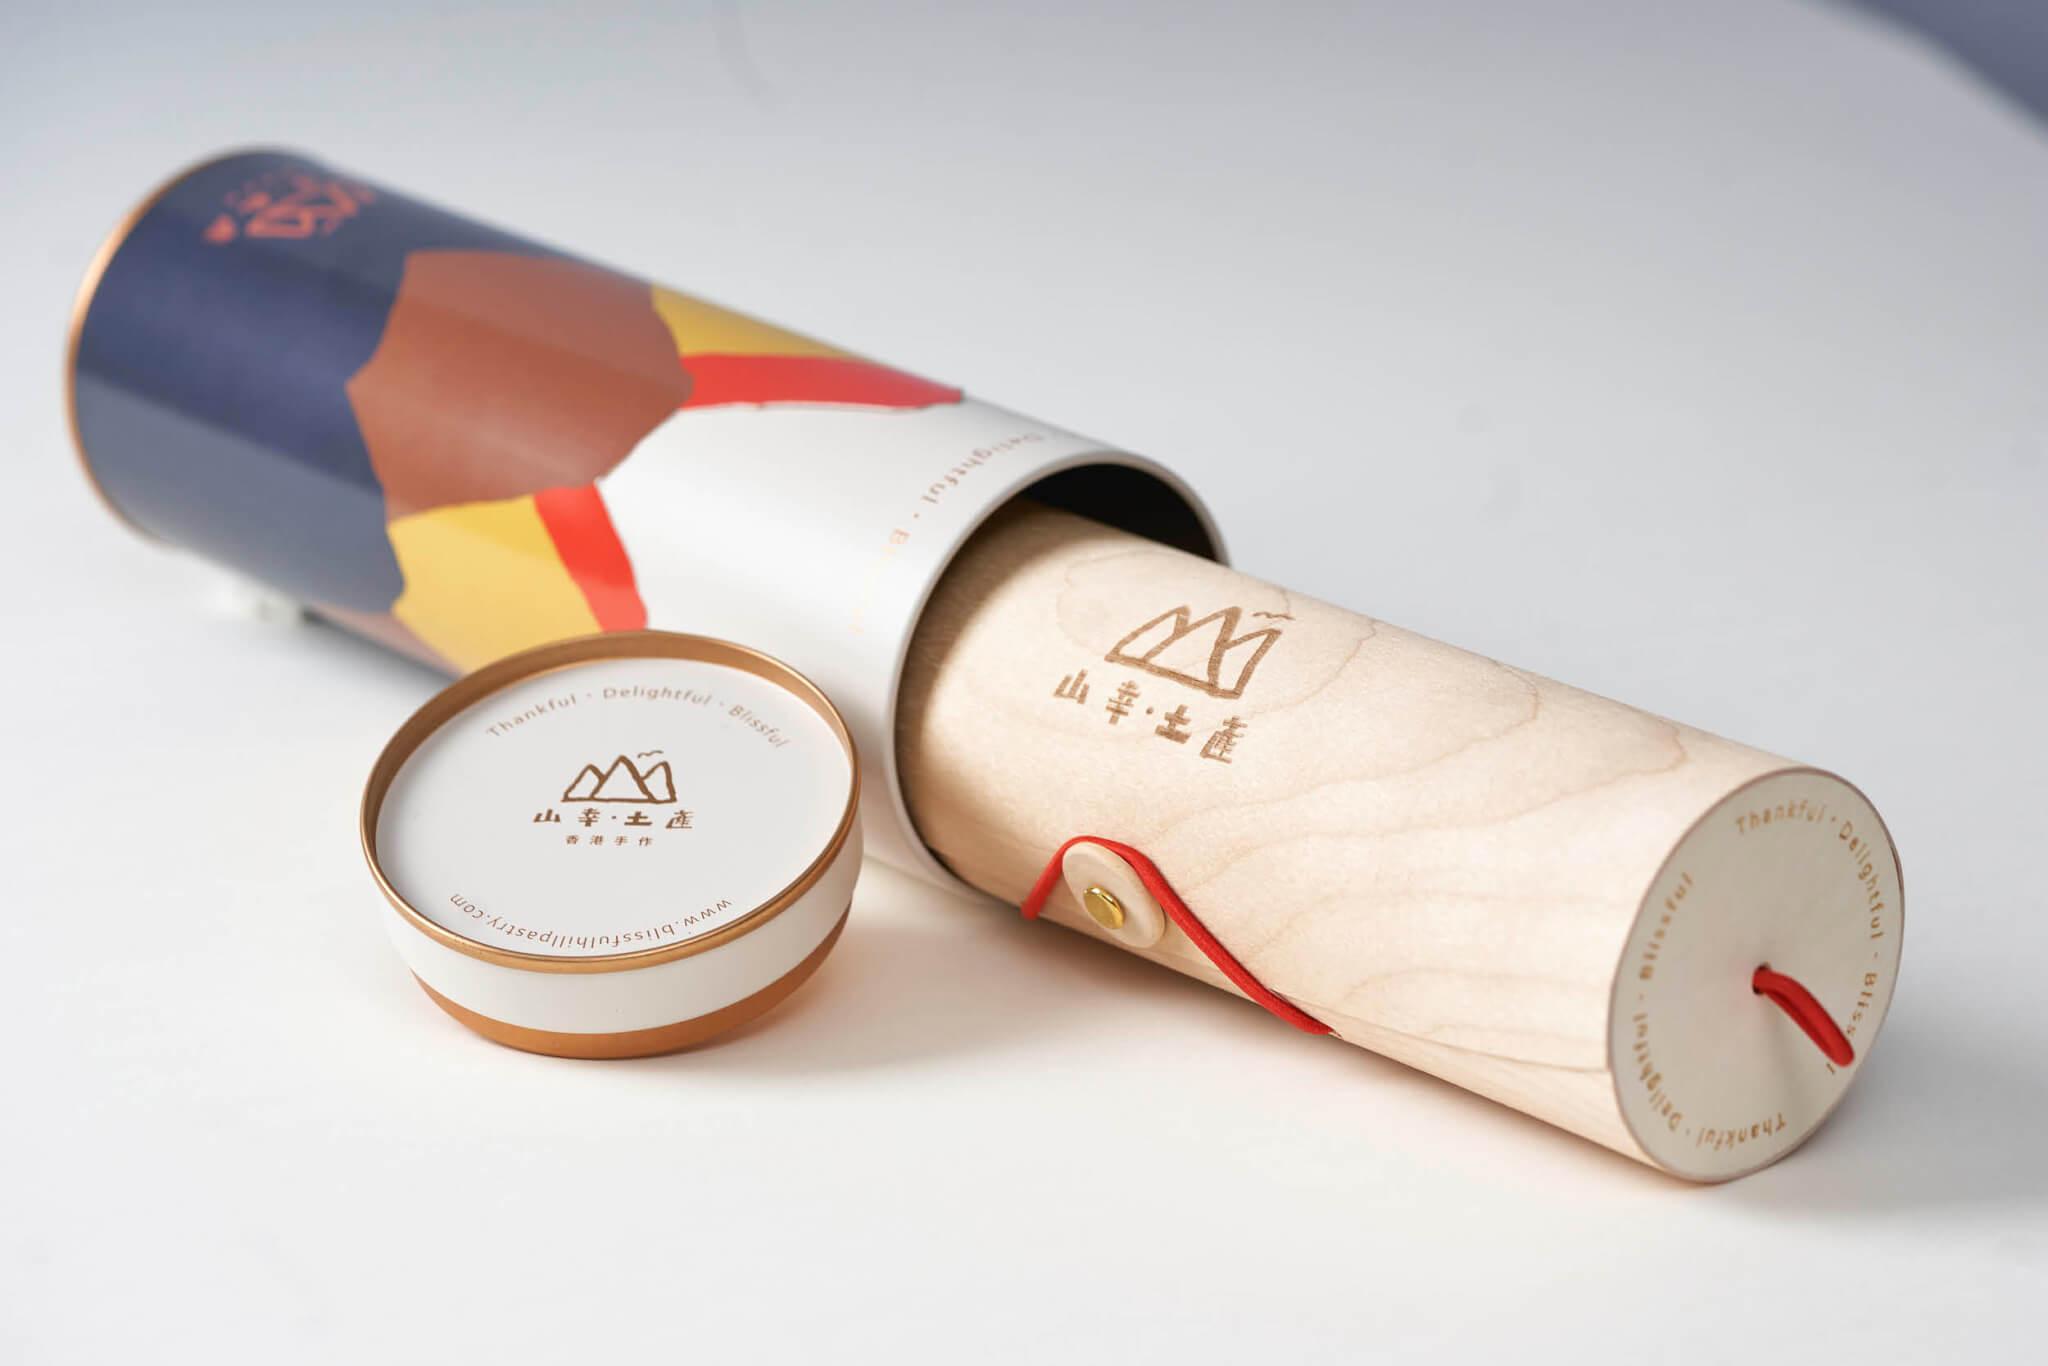 包裝由環保木材、鐵罐及其它可重用物料製作而成。享用蝴蝶酥後可重用,儲存茶葉甚或當作小朋友們的顏色筆盒。